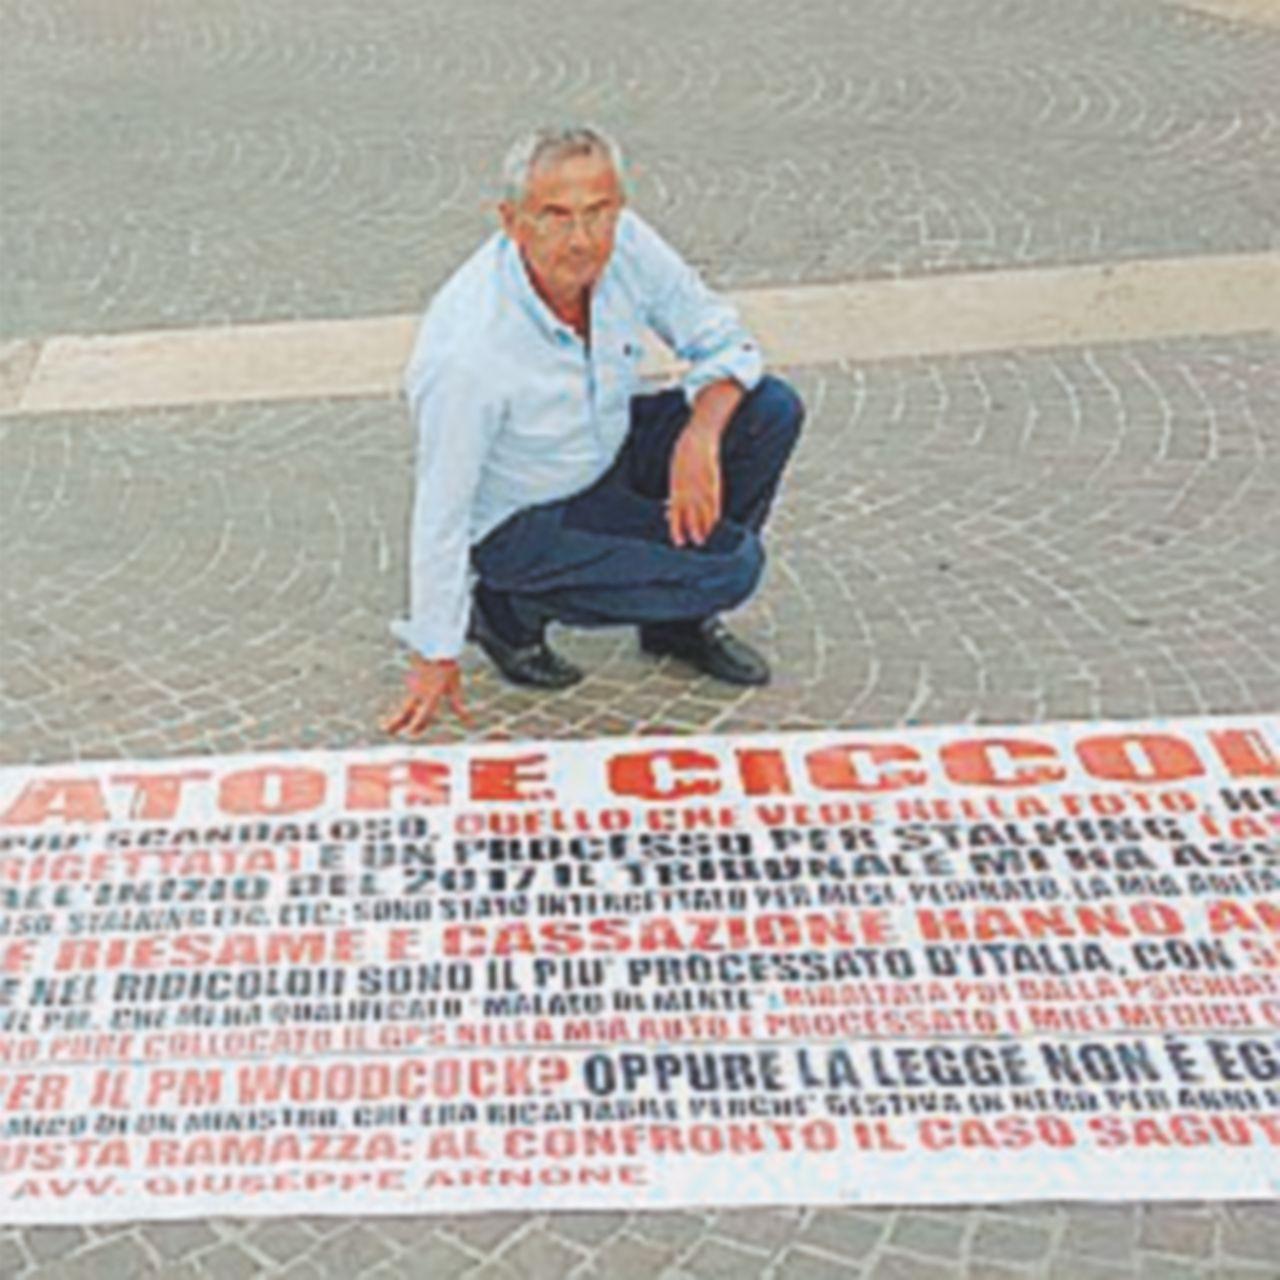 Striscione in Cassazione contro le toghe infedeli